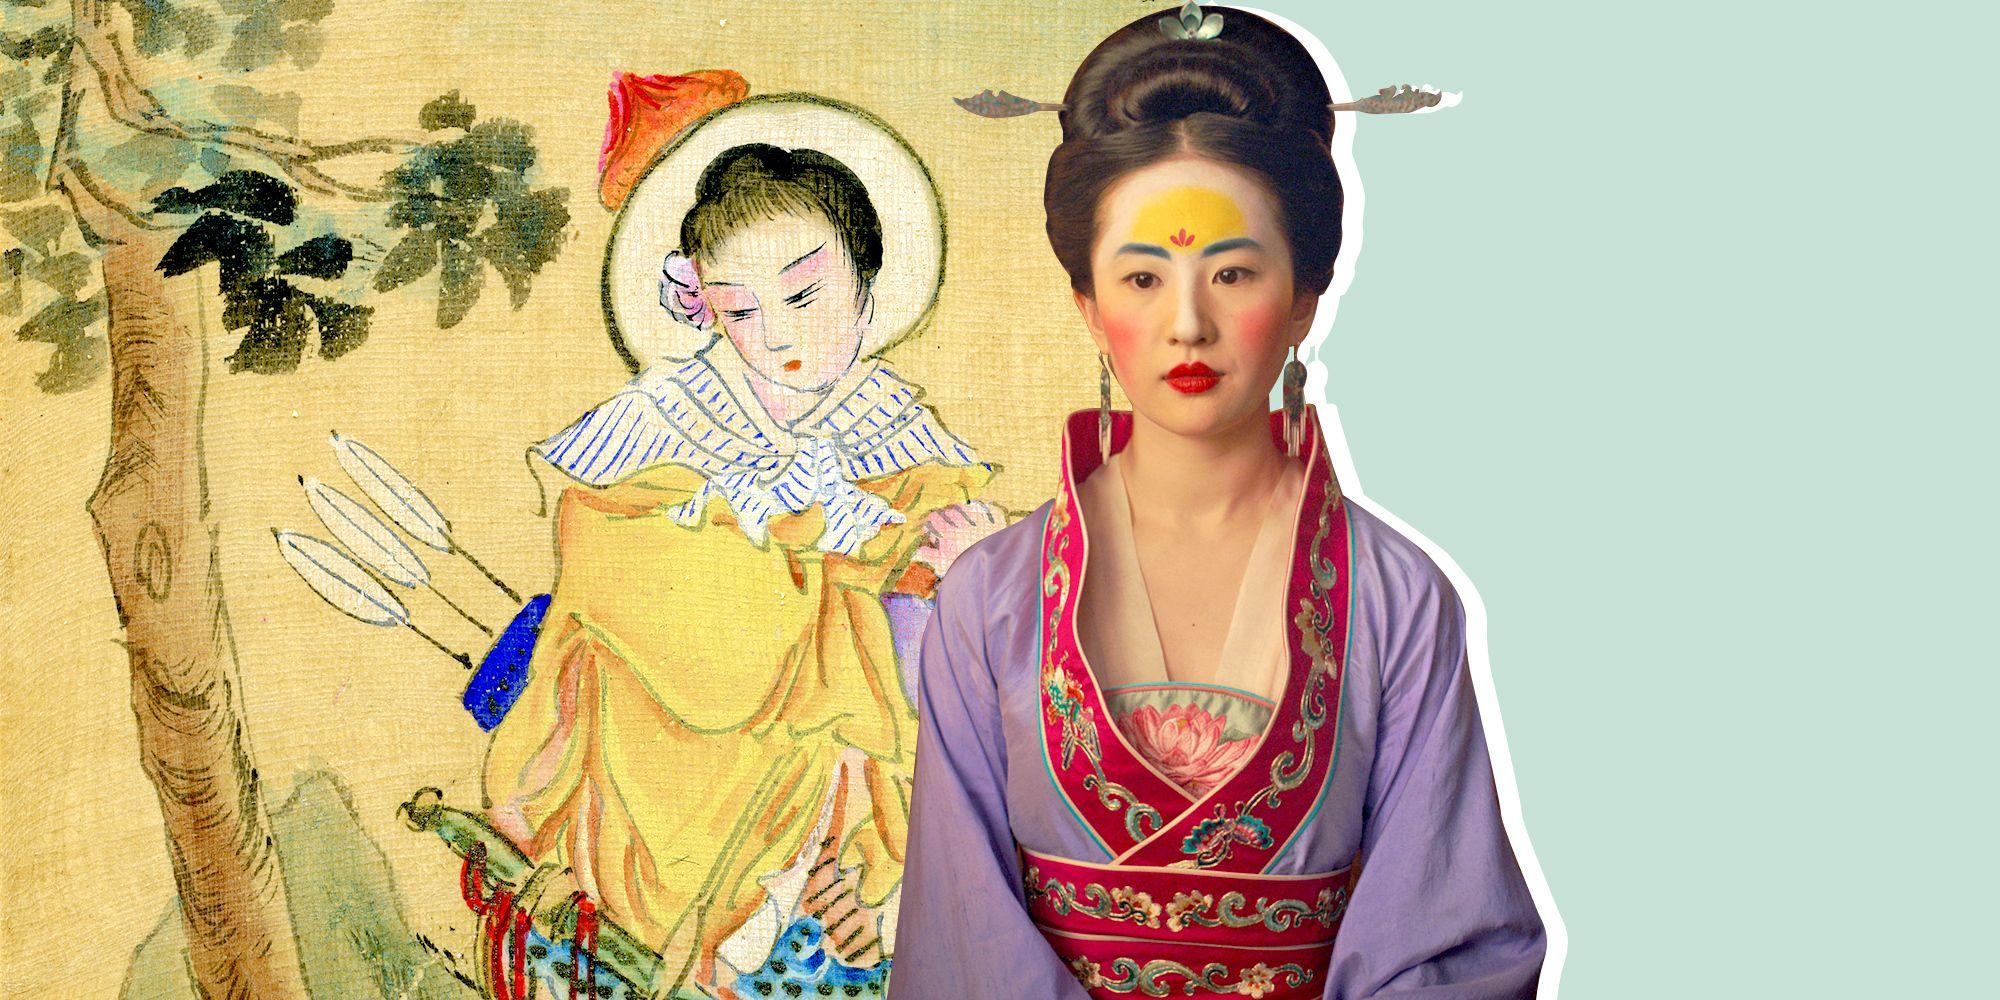 Was Hua Mulan Real True Story That Inspired Mulan Movie